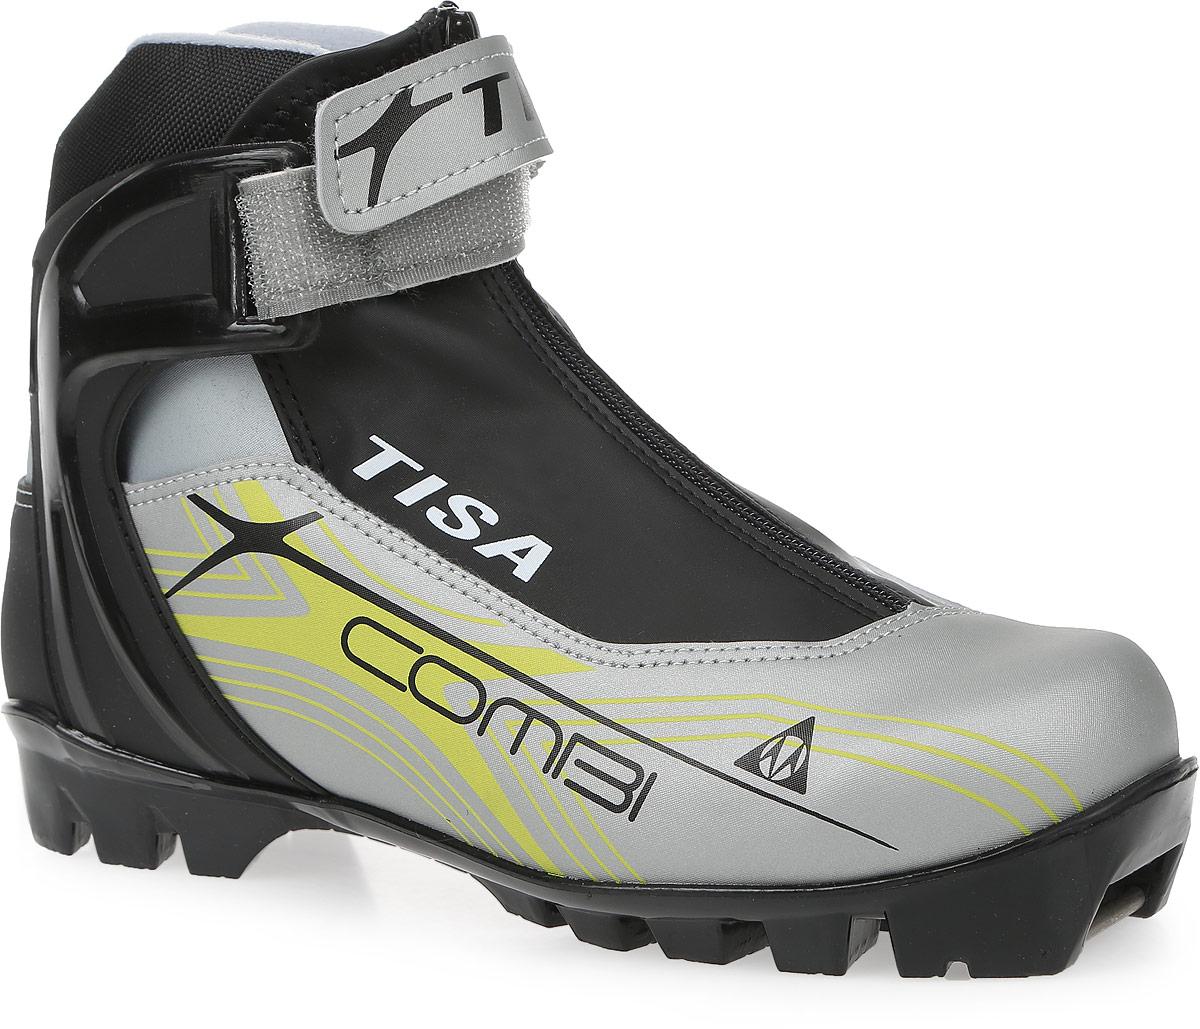 Ботинки лыжные беговые Tisa Combi NNN, цвет: черный, серый, салатовый. Размер 42S75715Лыжные ботинки Tisa Combi NNN выполнены из искусственных материалов в классическом стиле и предназначены для лыжных прогулок и туризма. Язык защищен текстильной вставкой на застежке-молнии. Подкладка, исполненная из мягкого флиса и искусственного меха, защитит ноги от холода и обеспечит уют. Верх изделия оформлен удобной шнуровкой с петлями из текстиля. Вставки в мысовой и пяточной частях предназначены для дополнительной жесткости. Манжета Control Cuff поддерживает голеностоп. Подошва системы NNN выполнена из полимерного термопластичного материала. С одной из боковых сторон лыжные ботинки дополнены принтом в виде логотипа бренда.